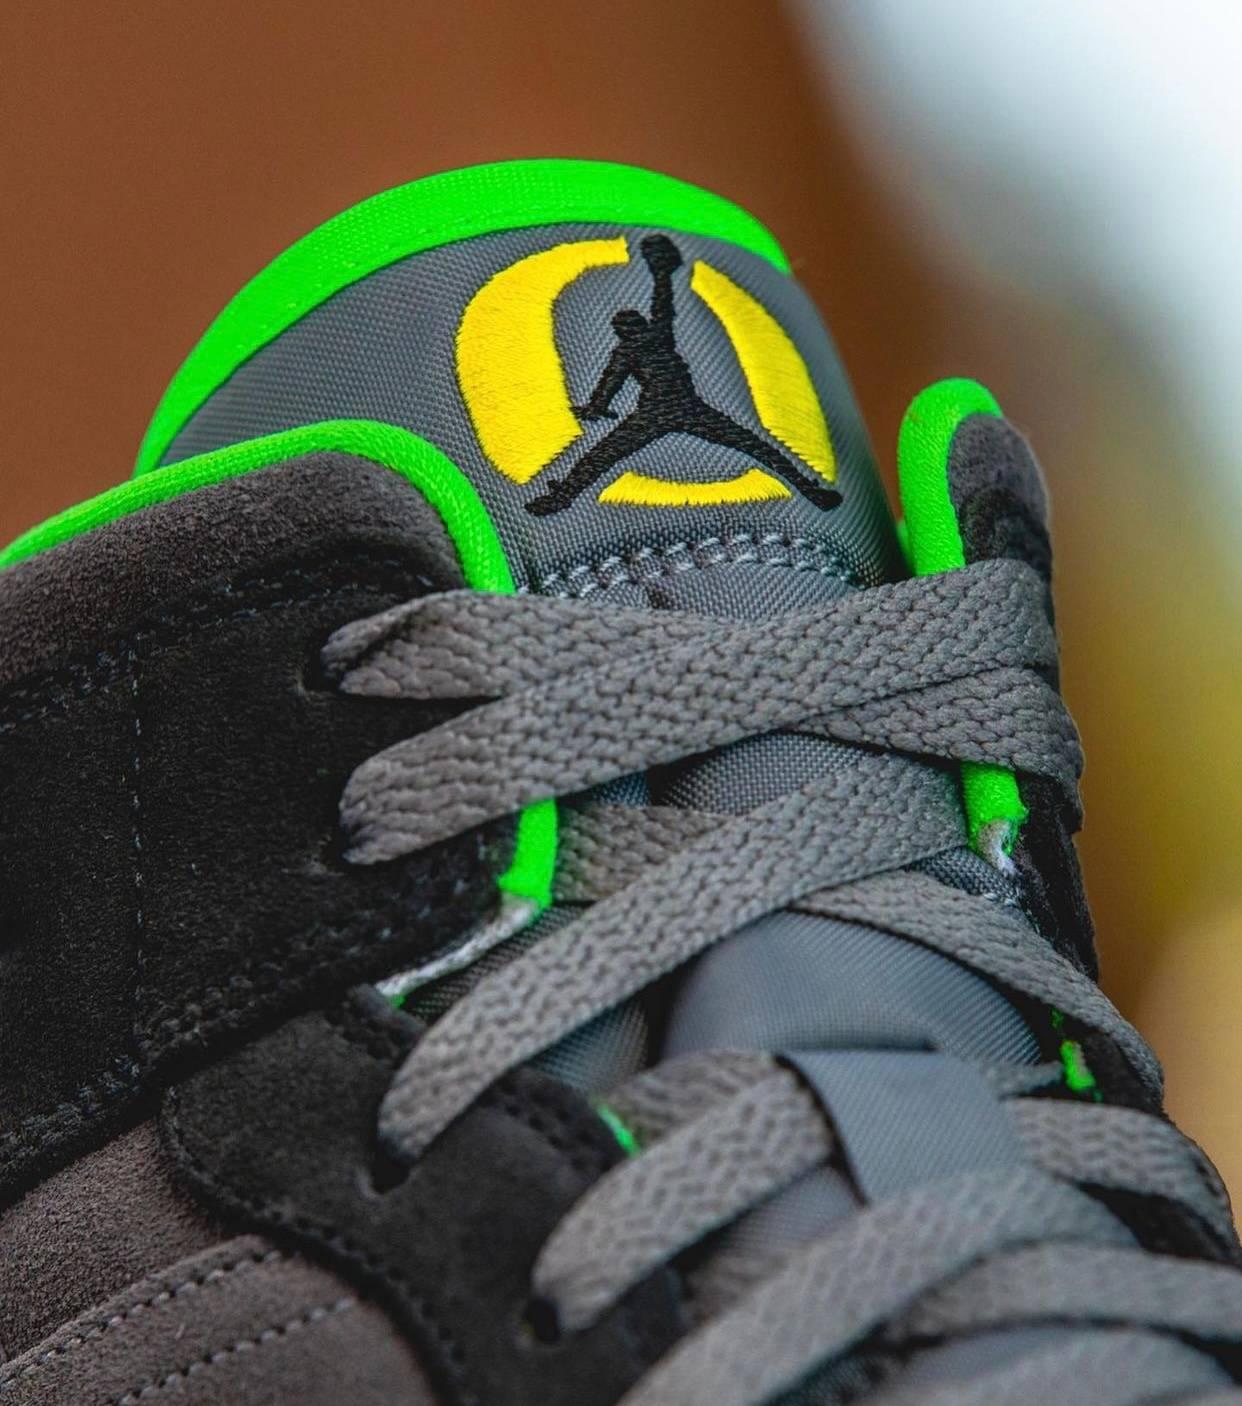 Swoosh, Oregon Ducks, Jumpman, Jordan Brand, Jordan, Air Jordan 1, Air Jordan